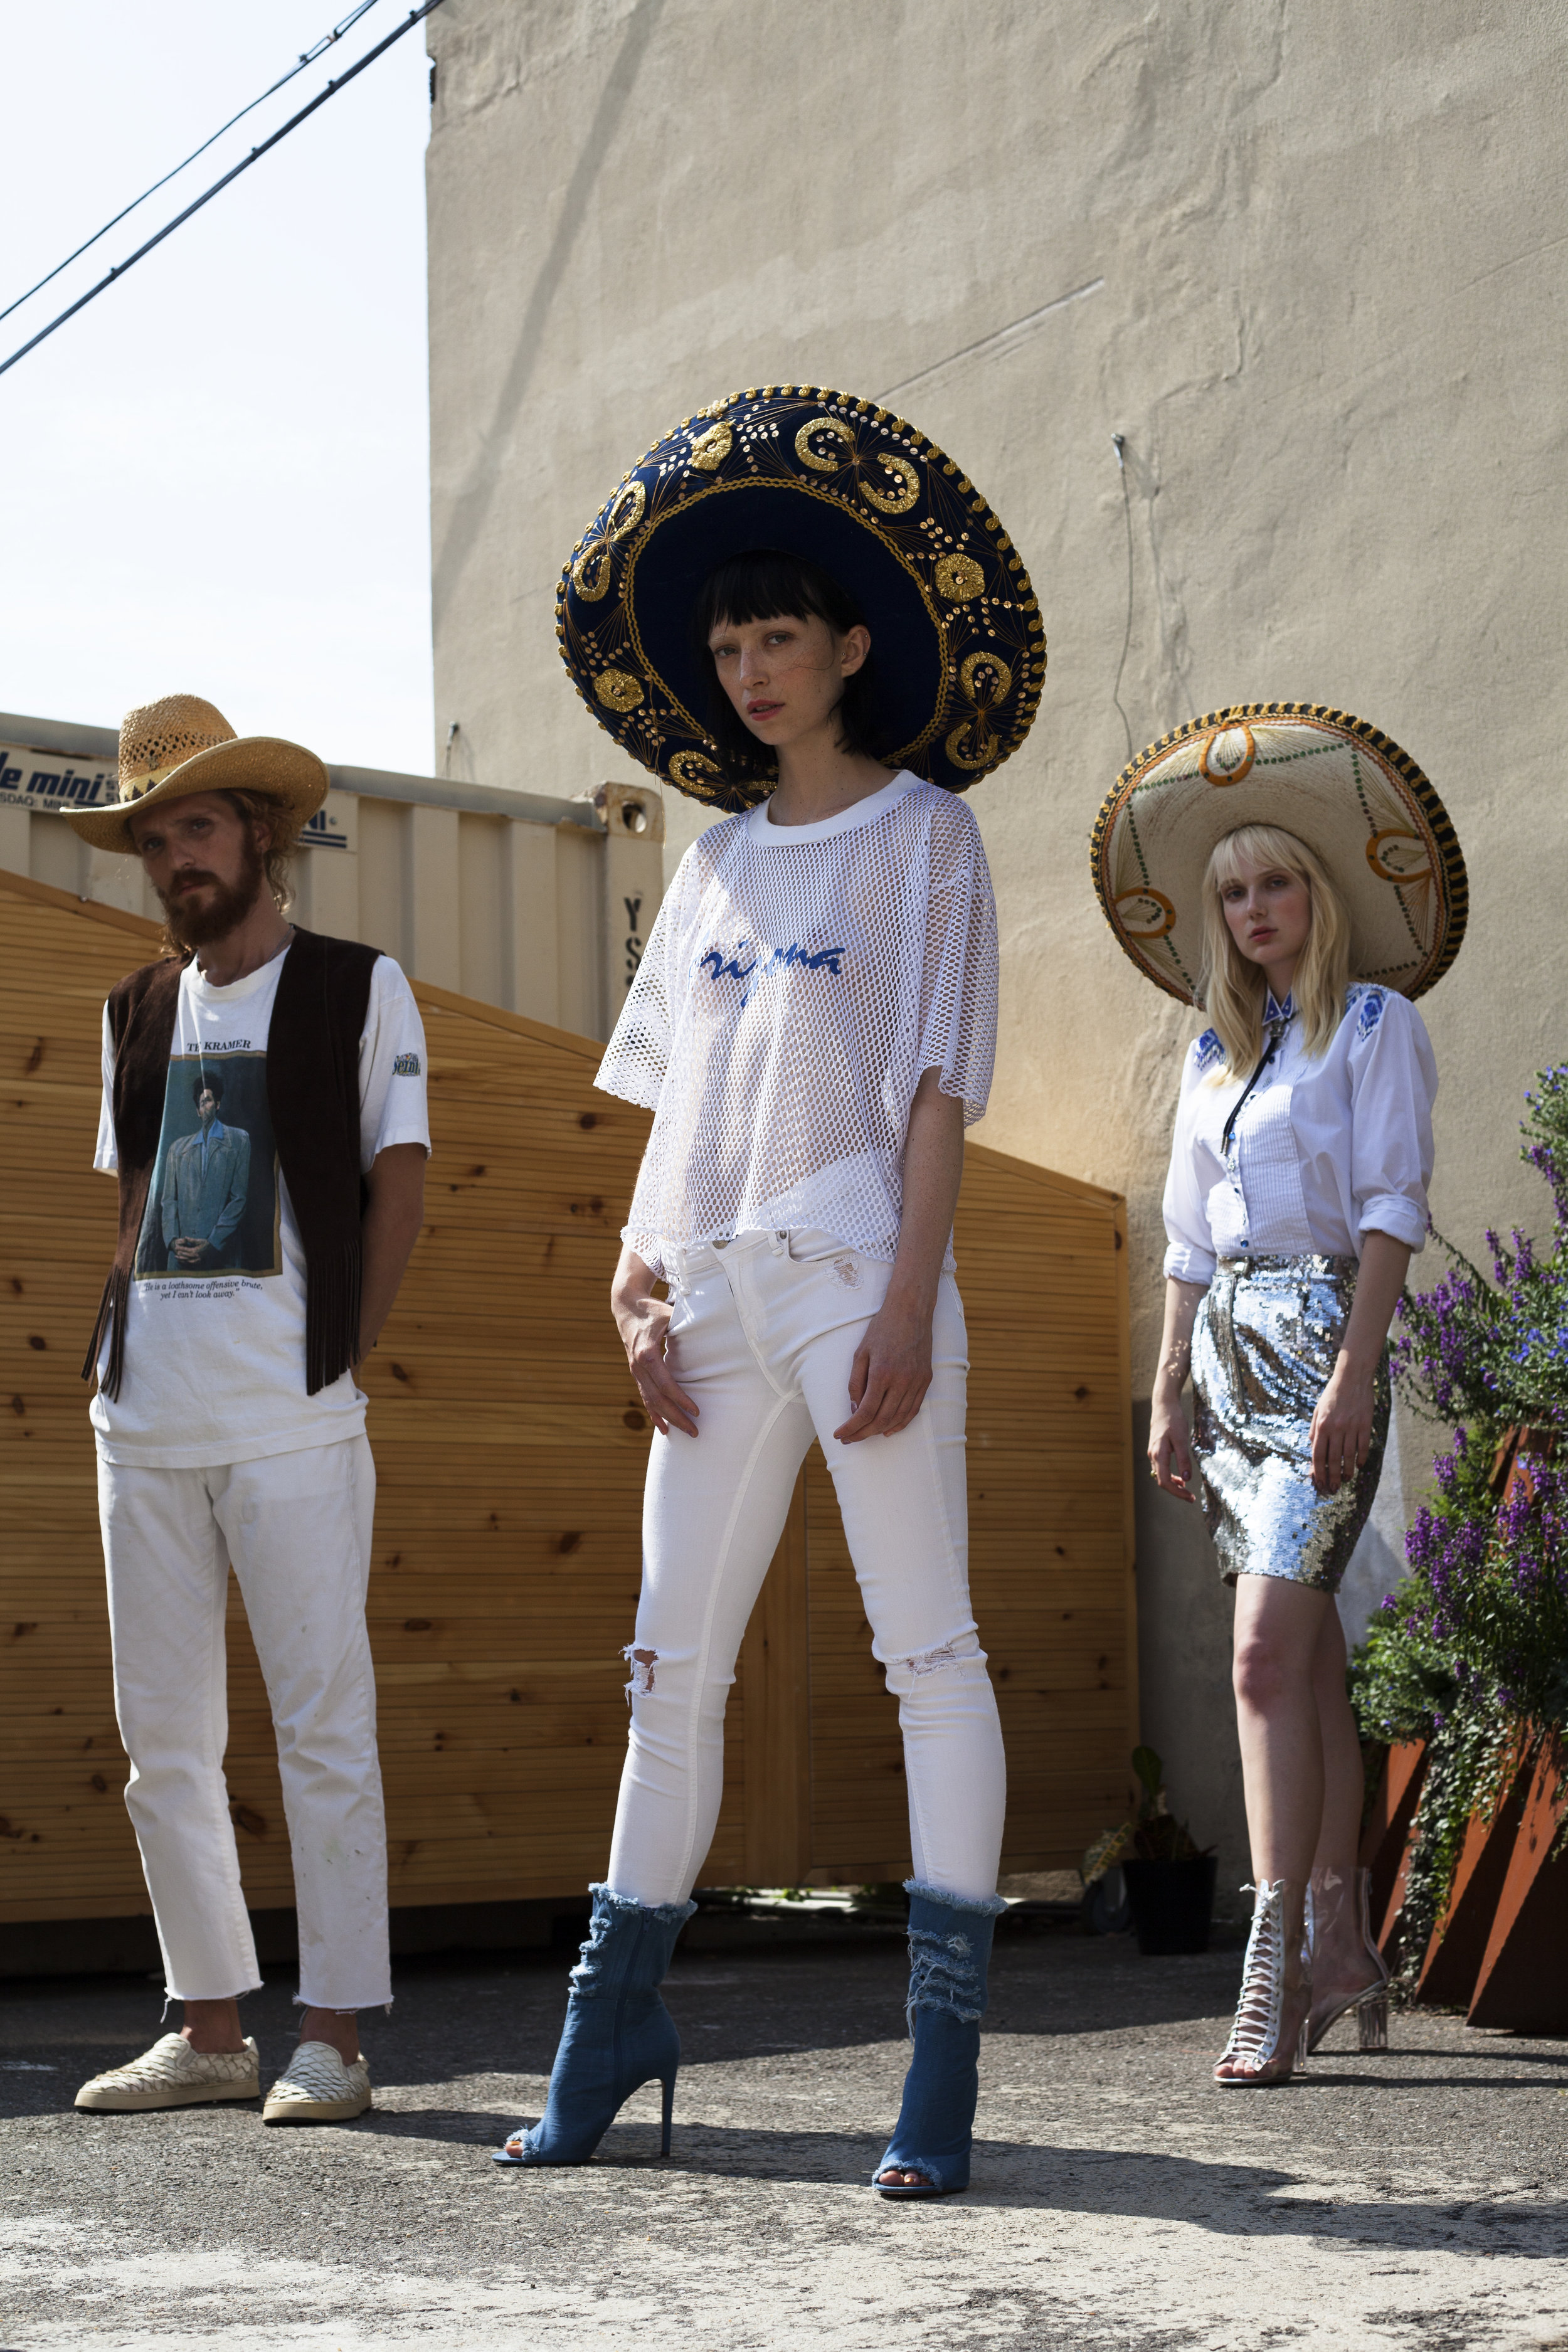 That's SO Southwest / BRENO, SARAH, ANNIKA